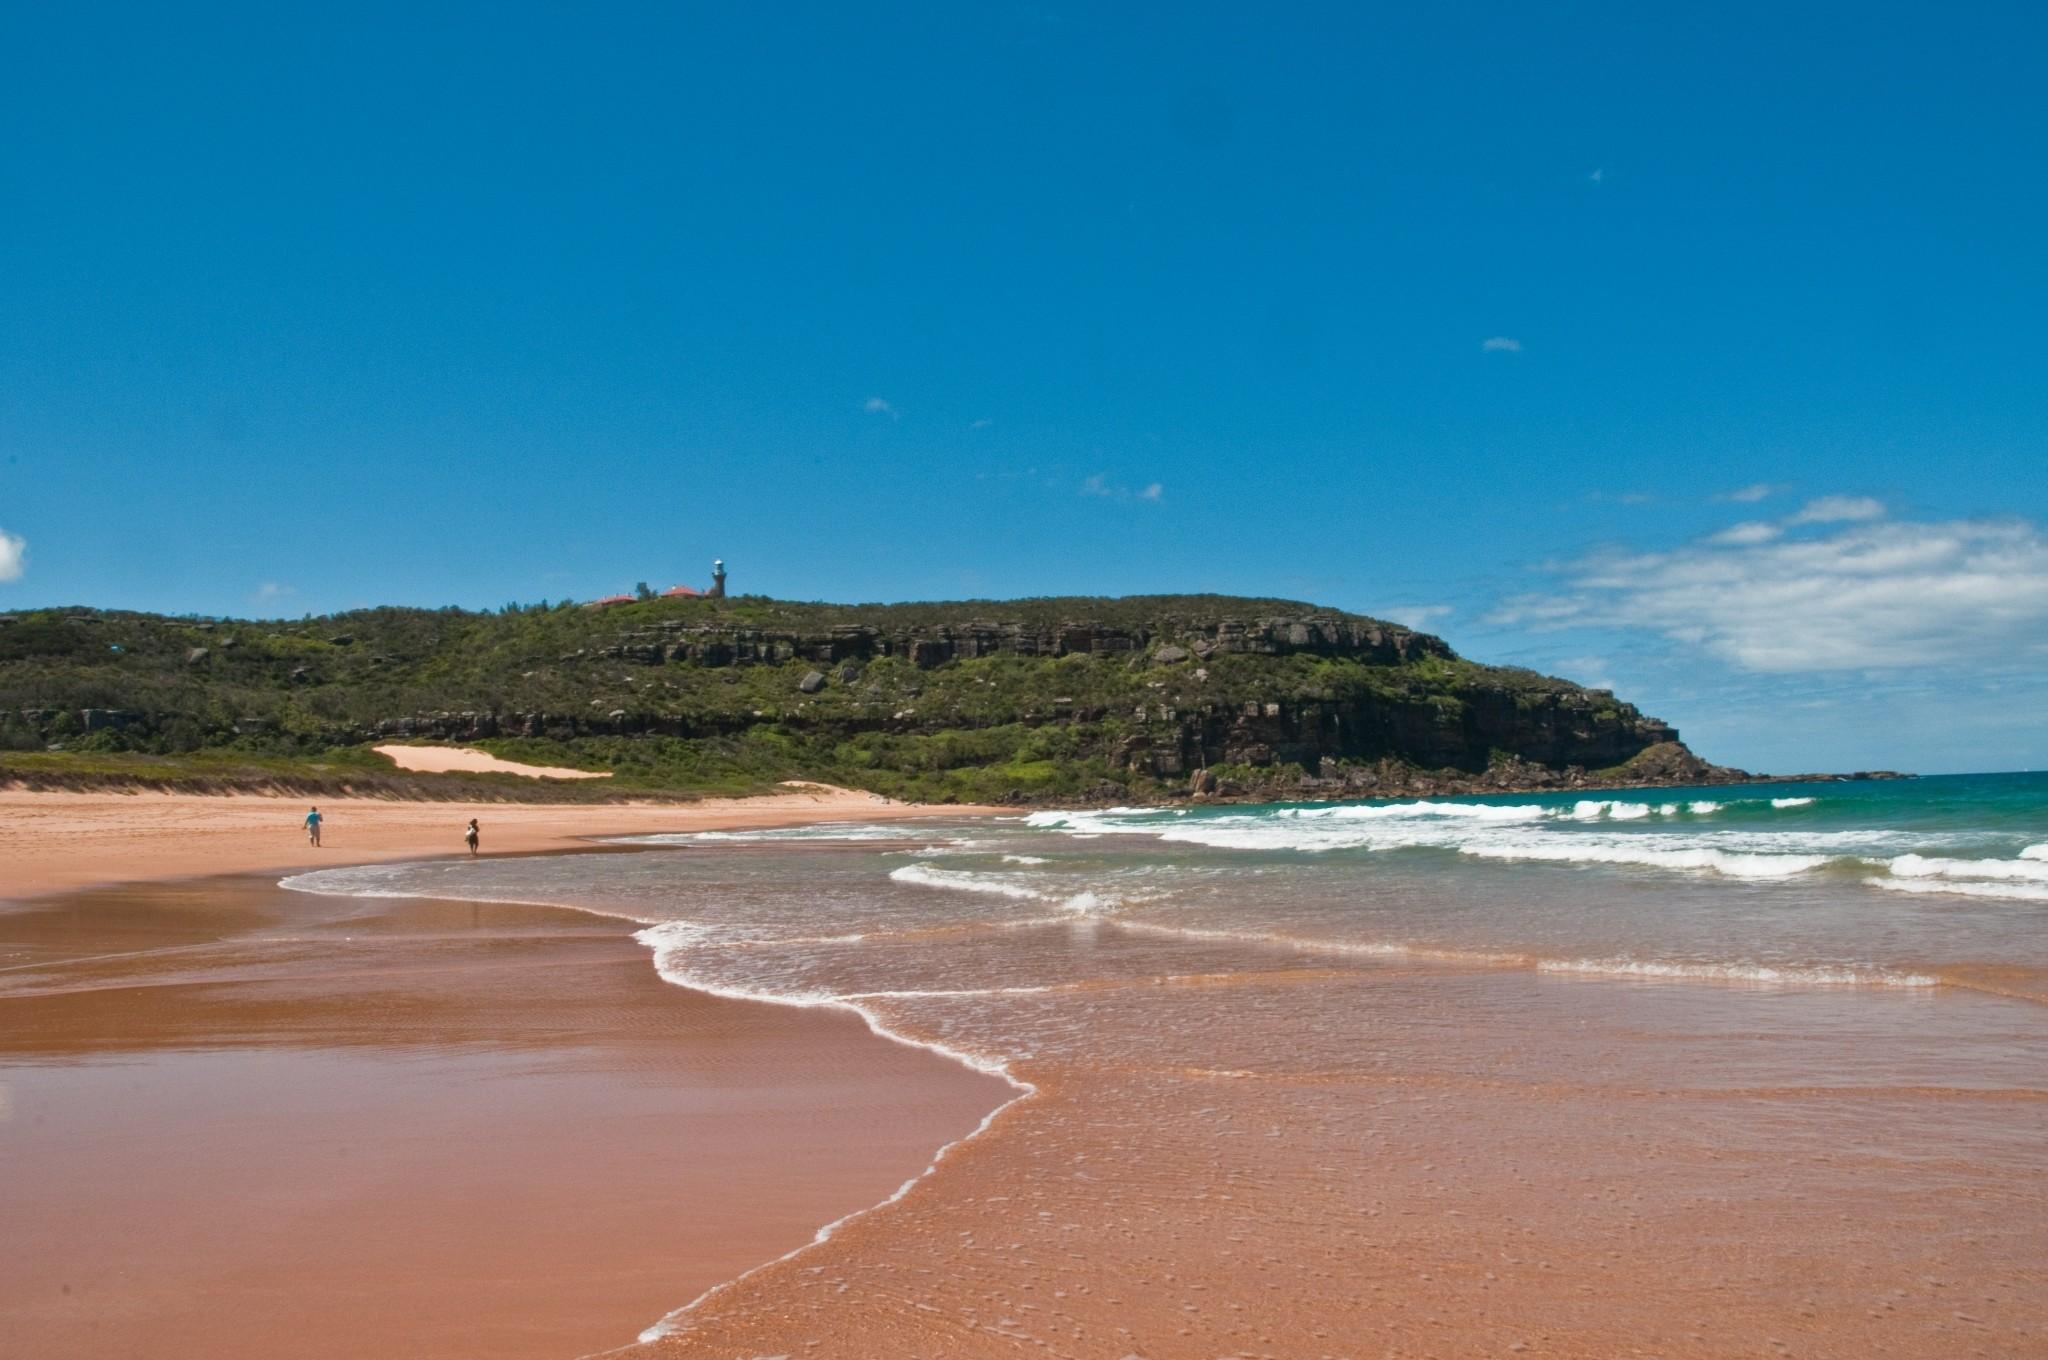 beach background desktop free